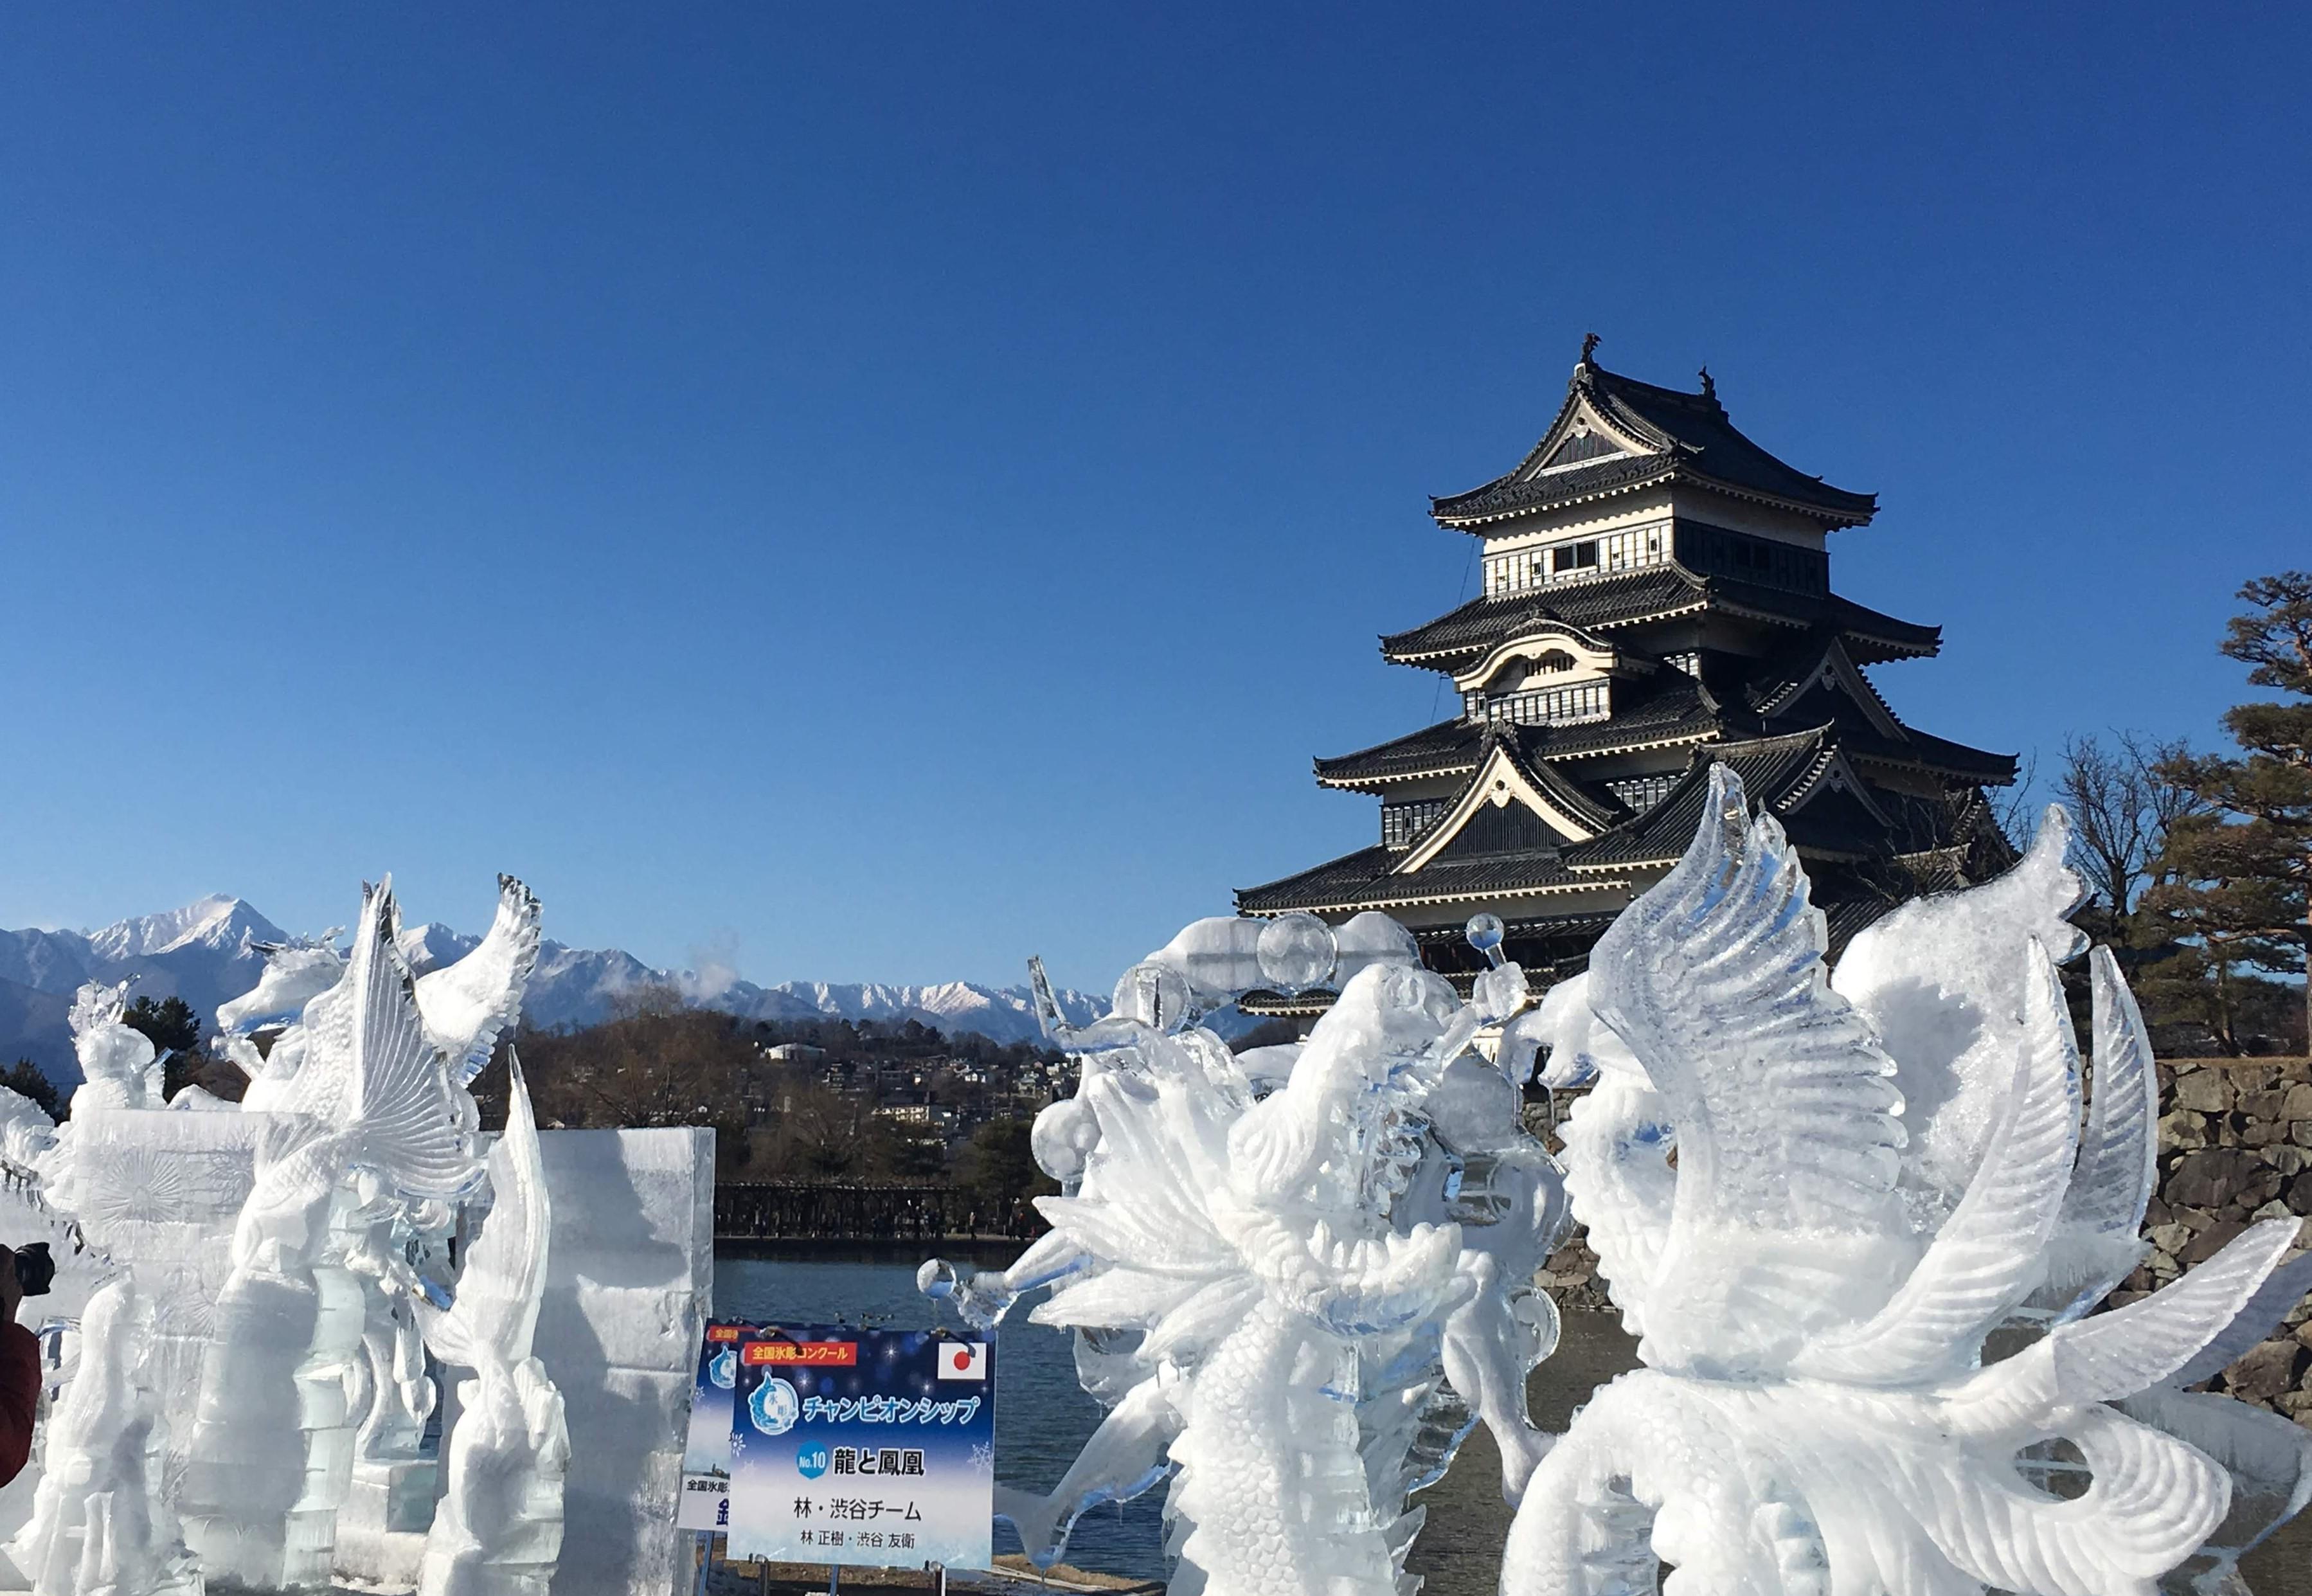 松本城の冬 氷の彫刻